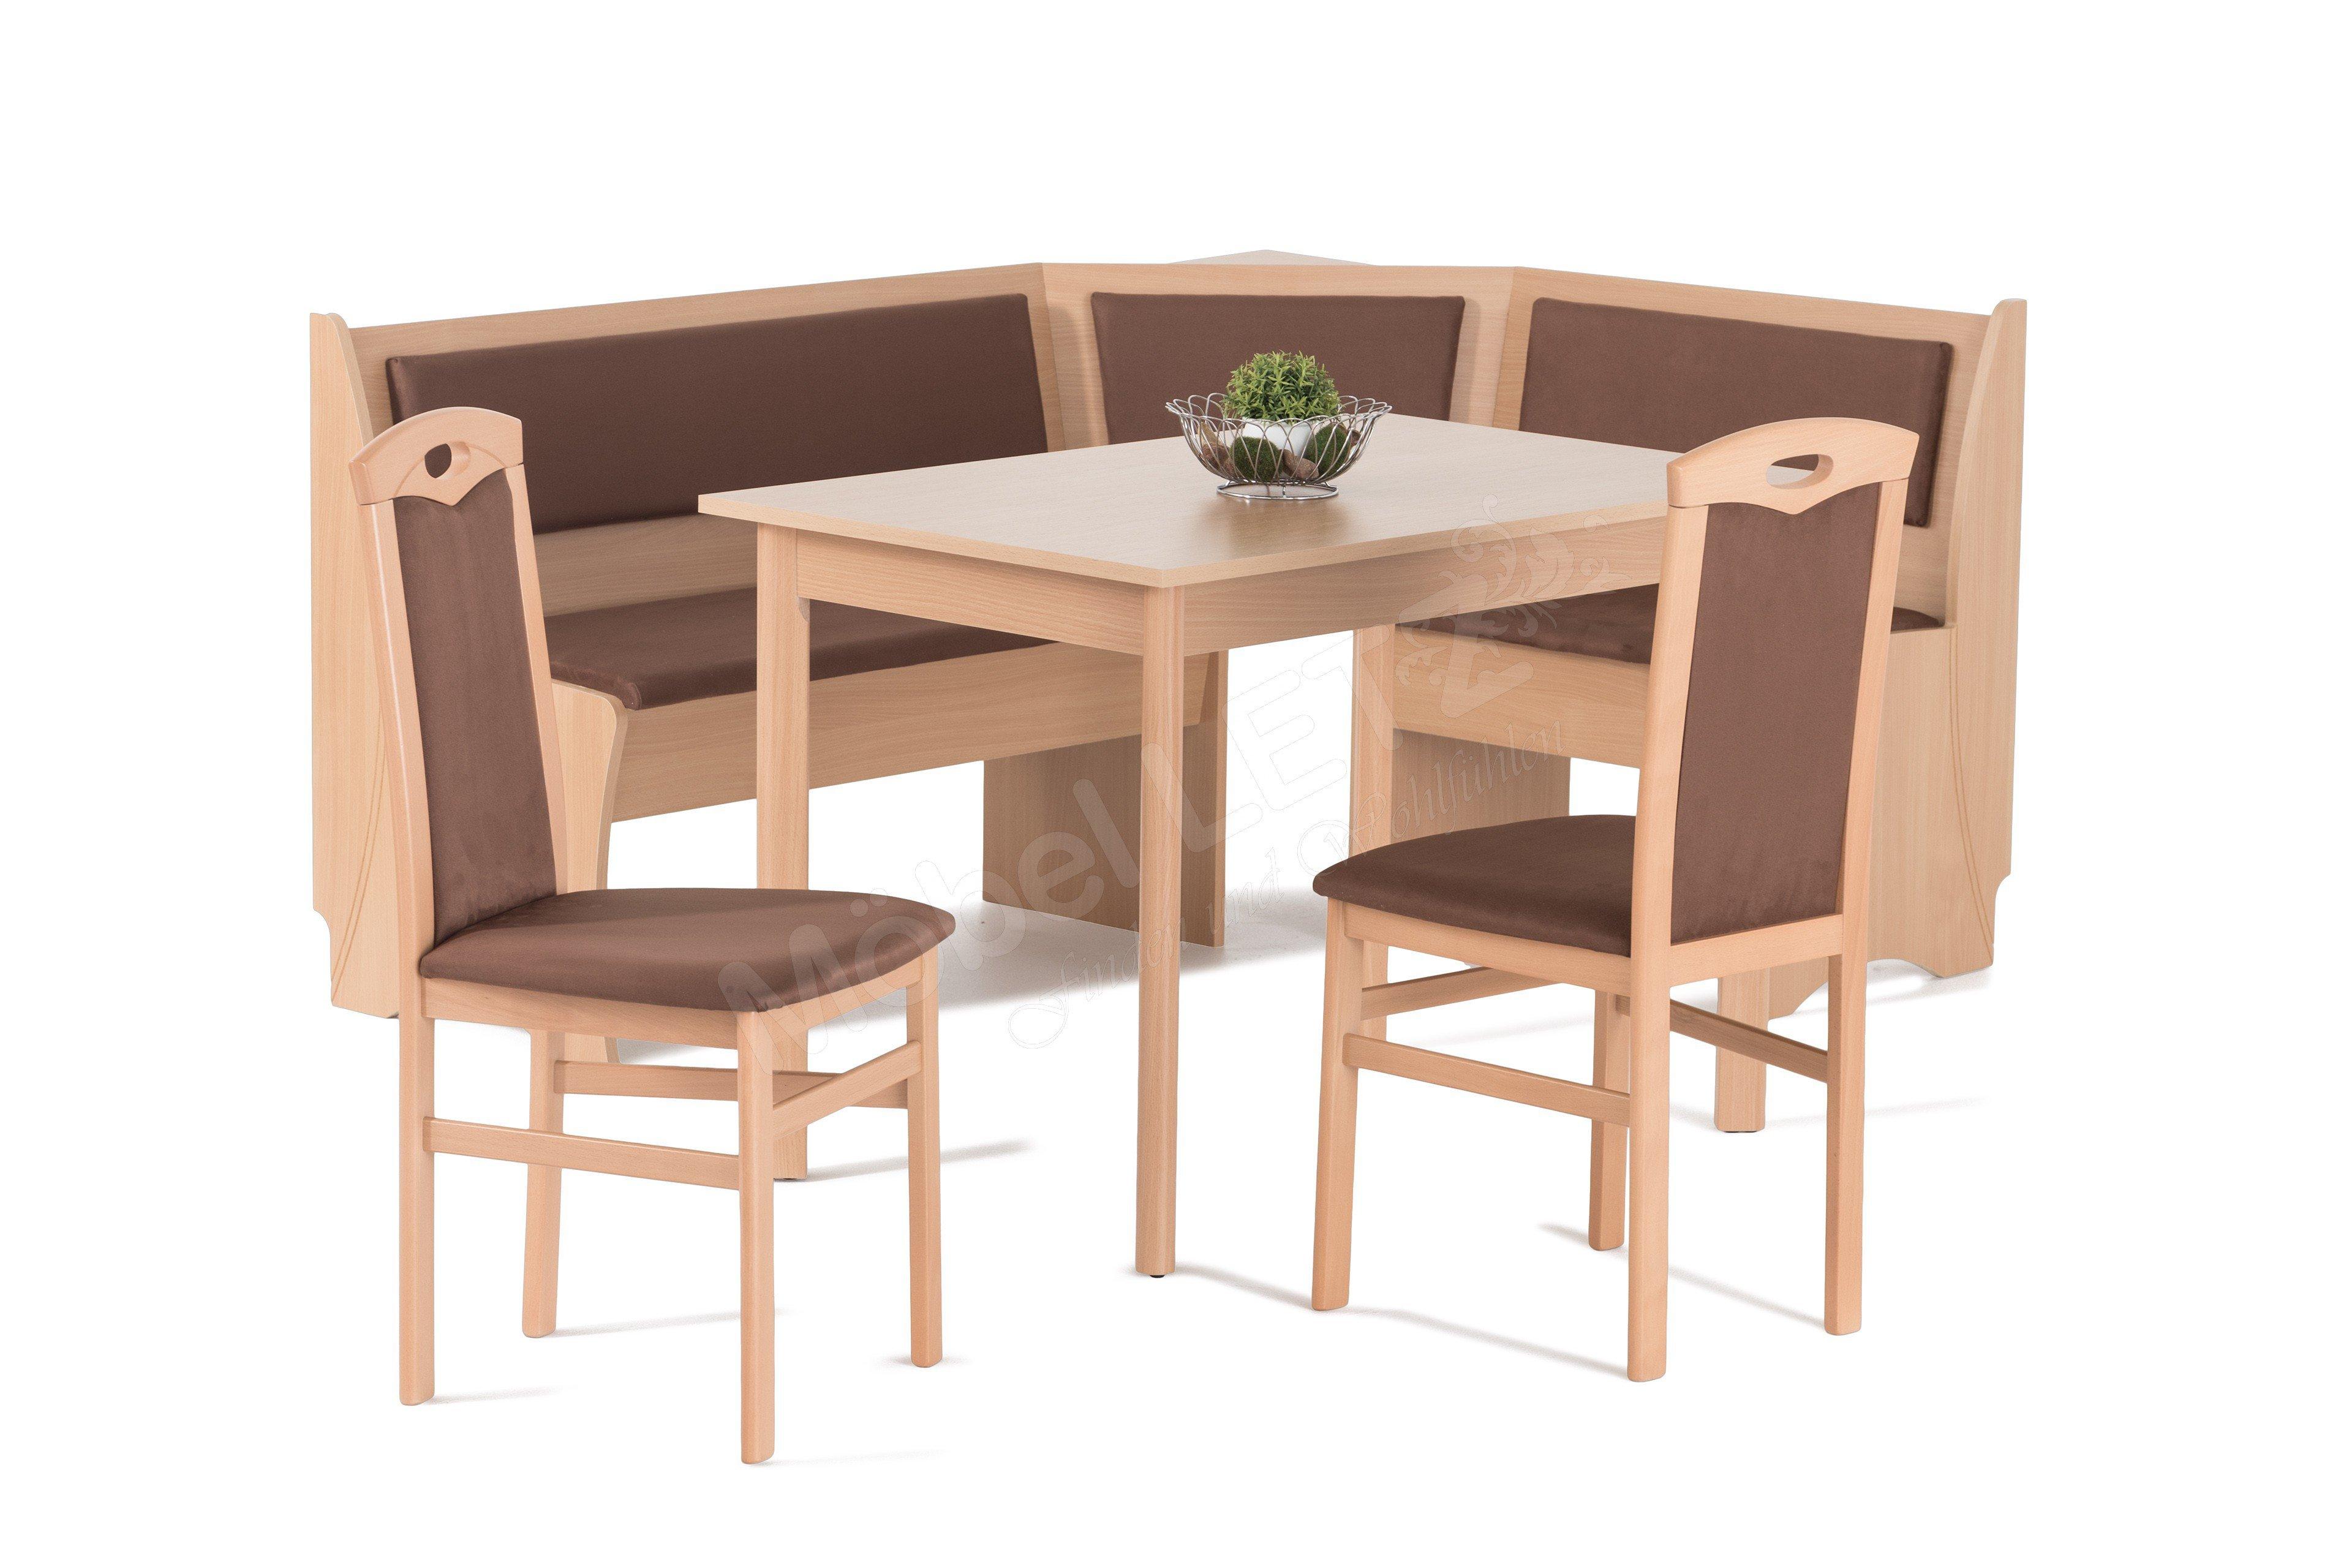 eckbankgruppe bozen von top form in buche natur m bel letz ihr online shop. Black Bedroom Furniture Sets. Home Design Ideas